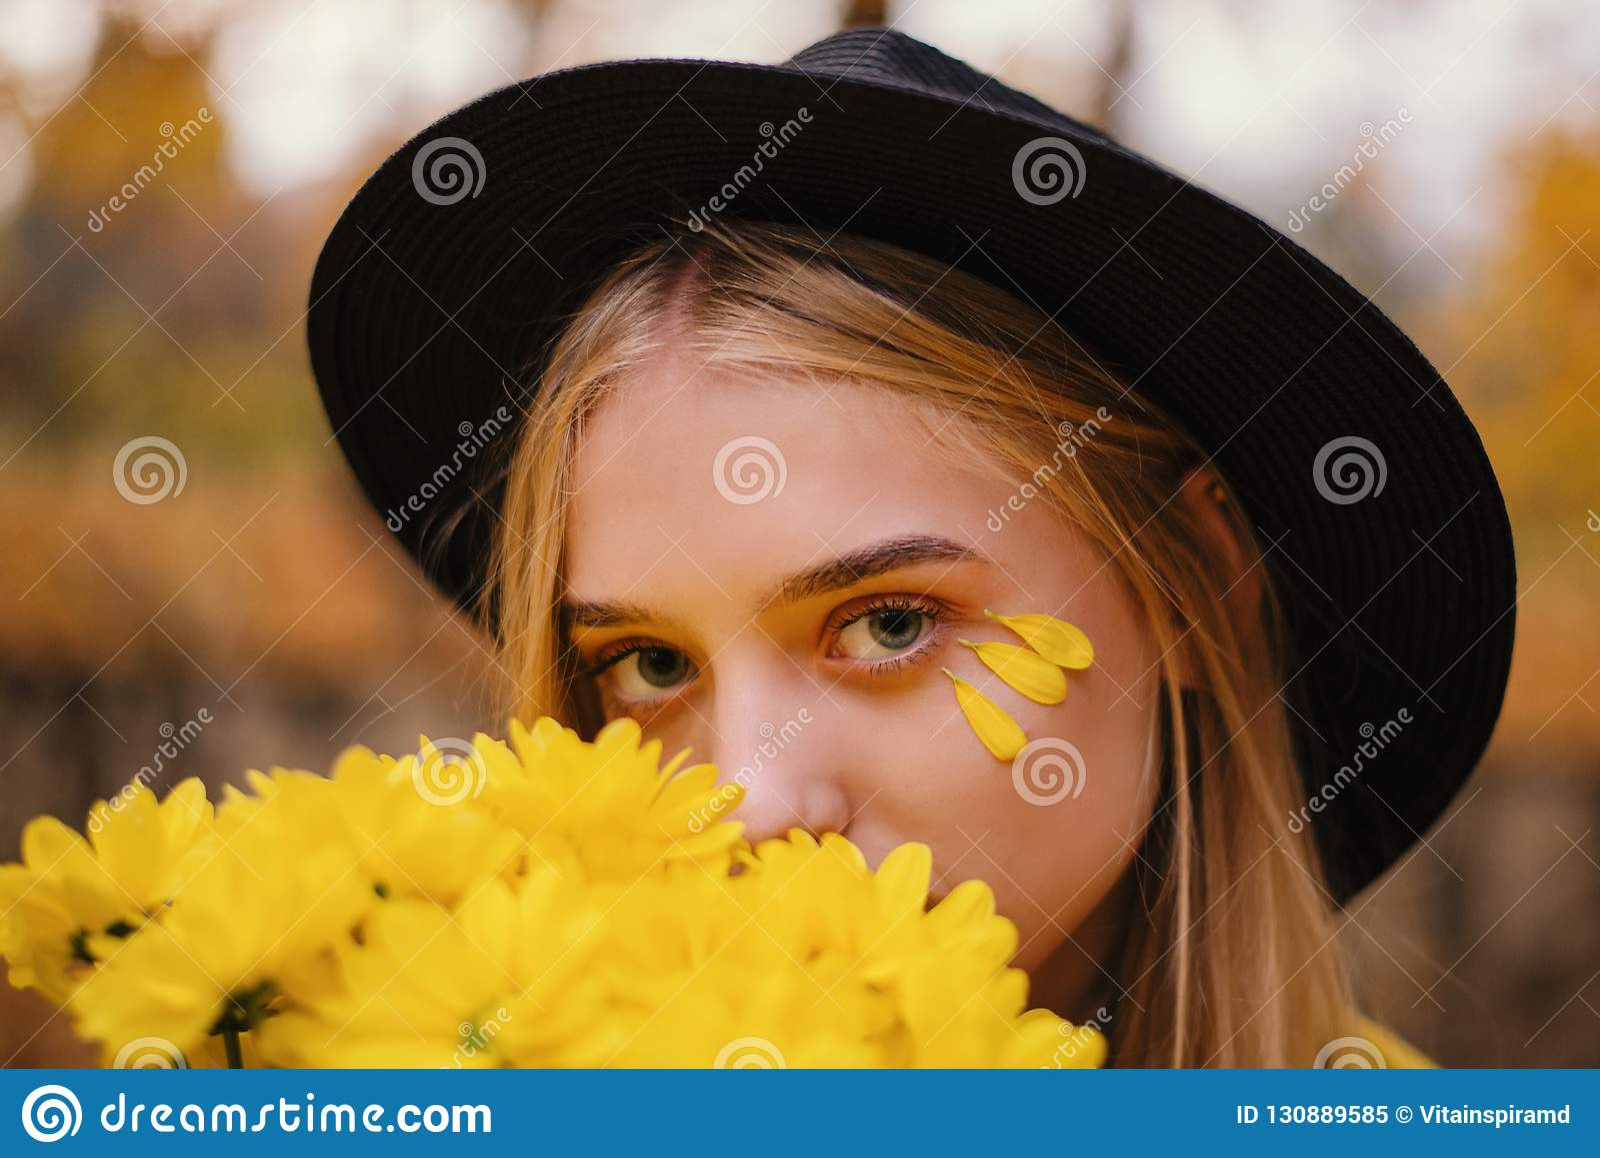 Den härliga blonda flickan i en hatt med buketten av gula blommor i höst parkerar fullt av gula sidor